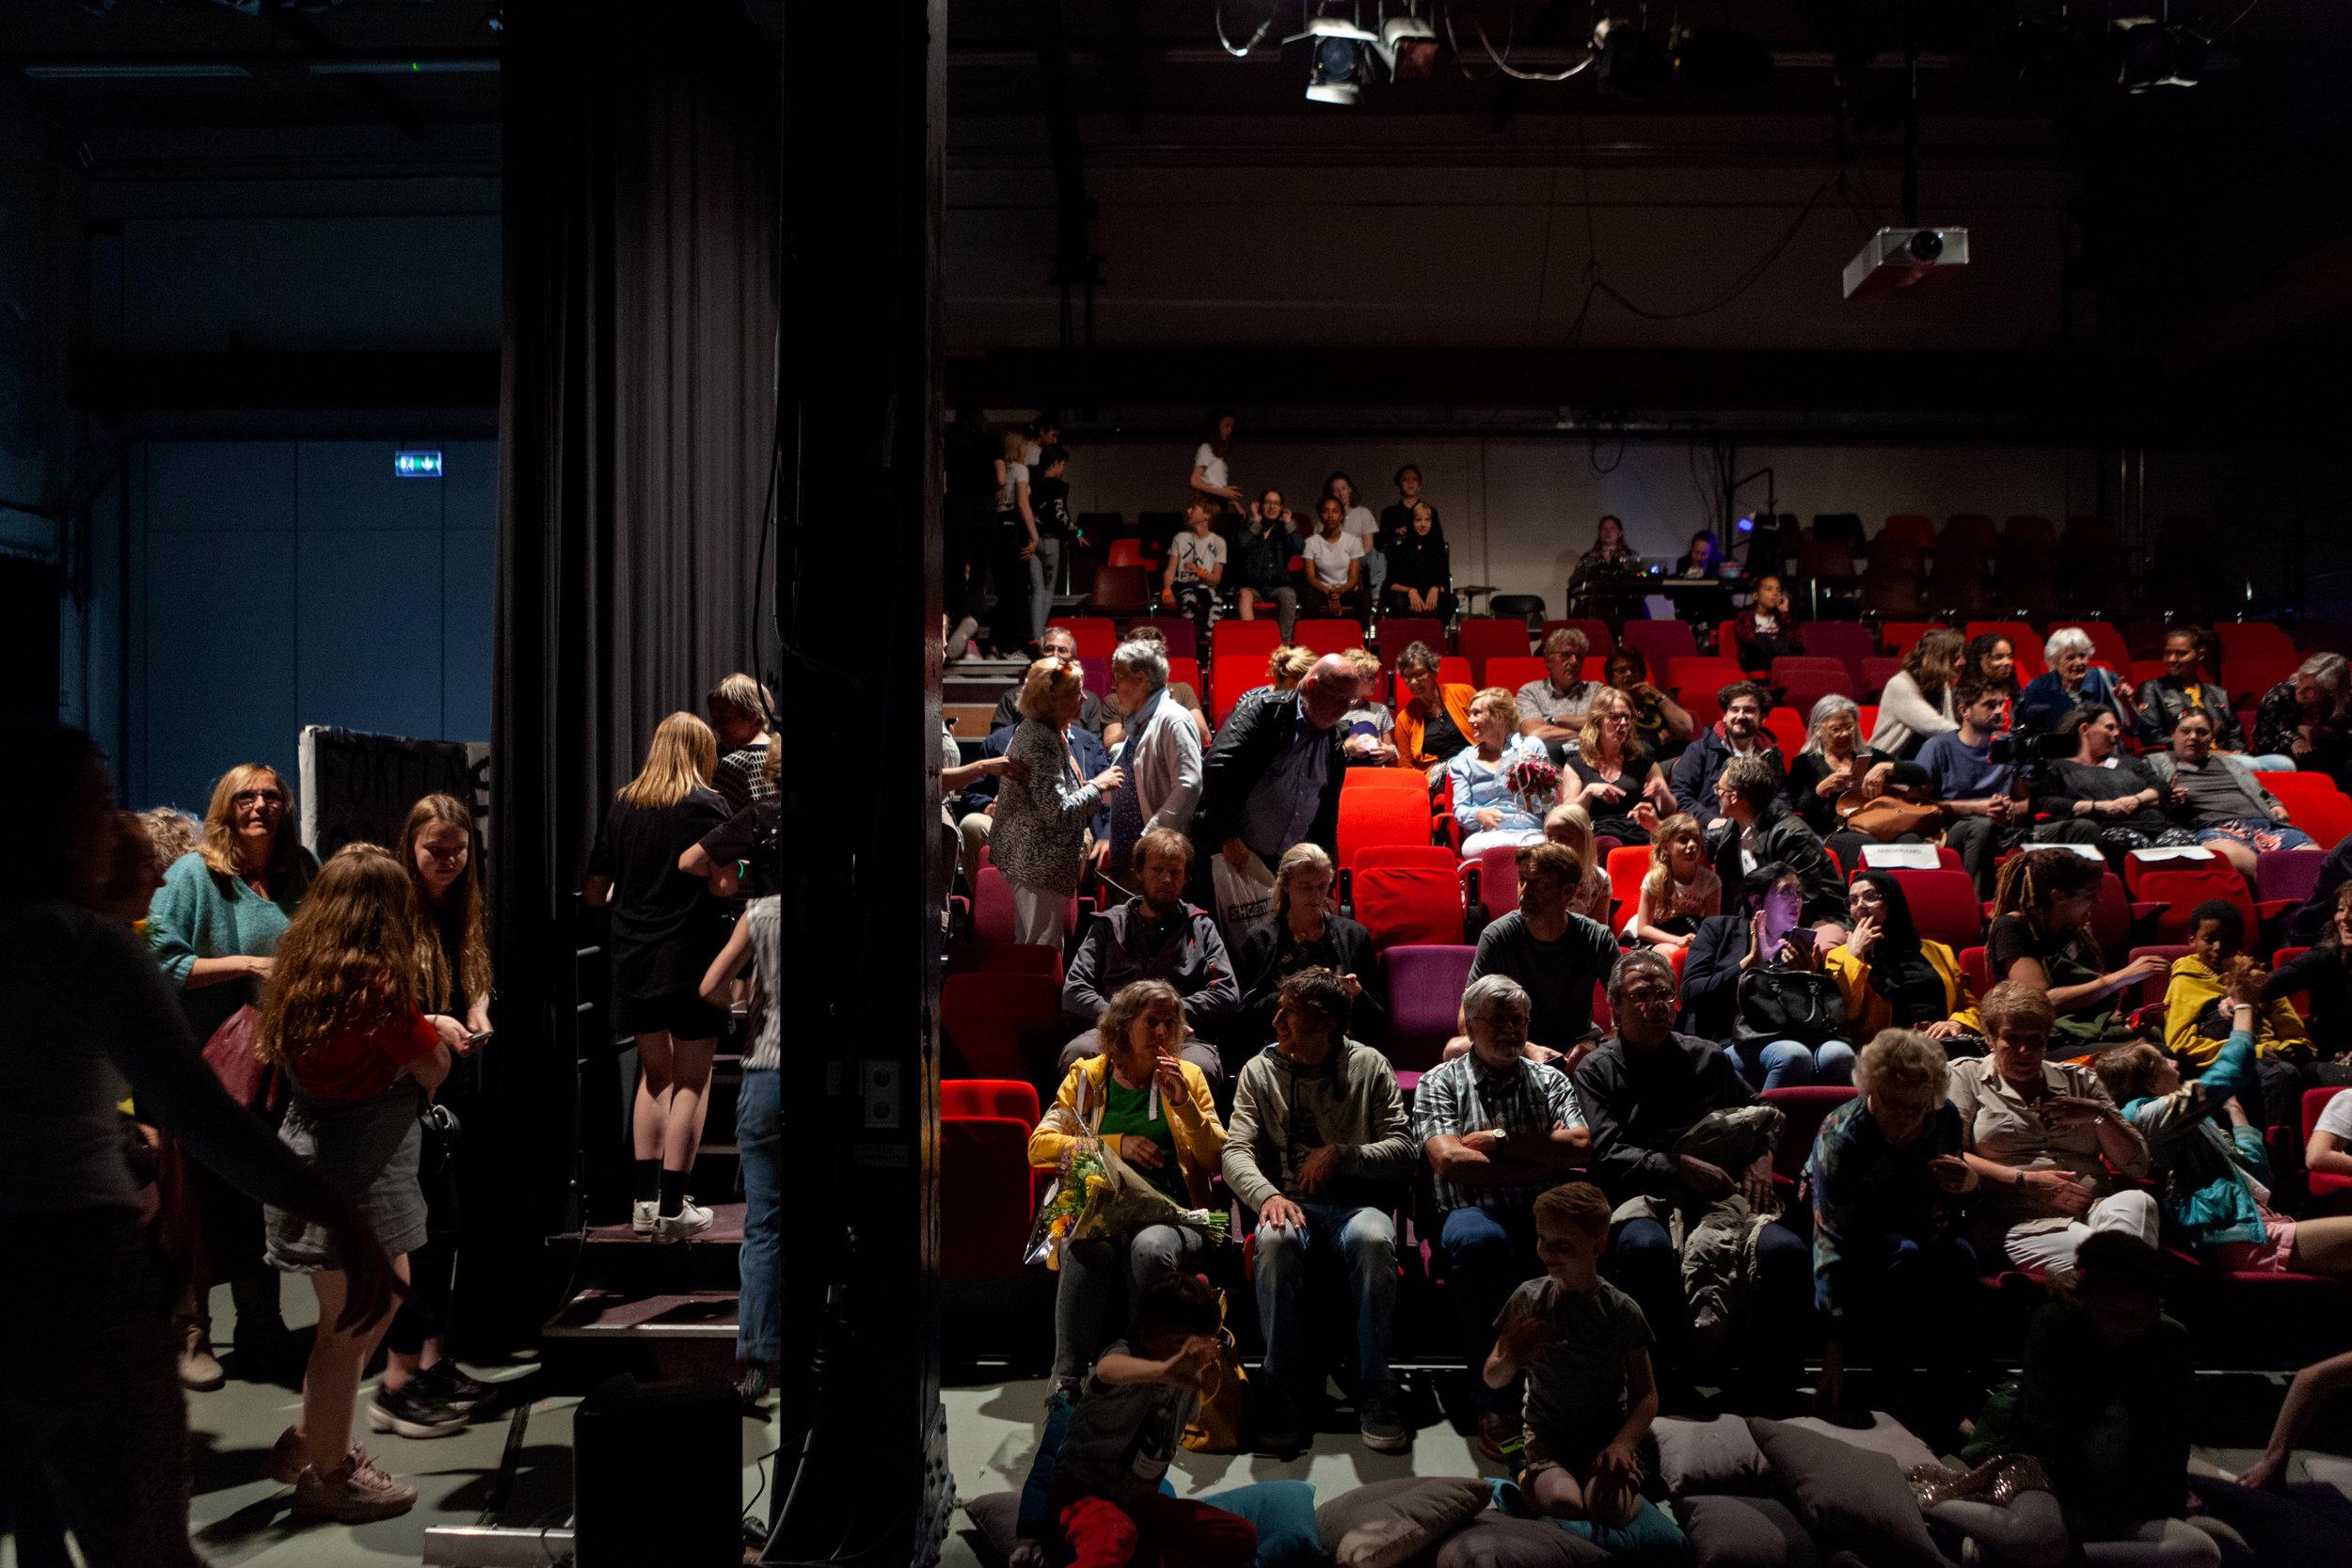 locatie - De voorstellingen van DAT! Theater vinden plaats in dezelfde zaal als de eindvoorstellingen van de cursussen van de jeugdtheaterschool, in de grote theaterzaal van onze buren Dansmakers. Adres: Gedempt Hamerkanaal 203.